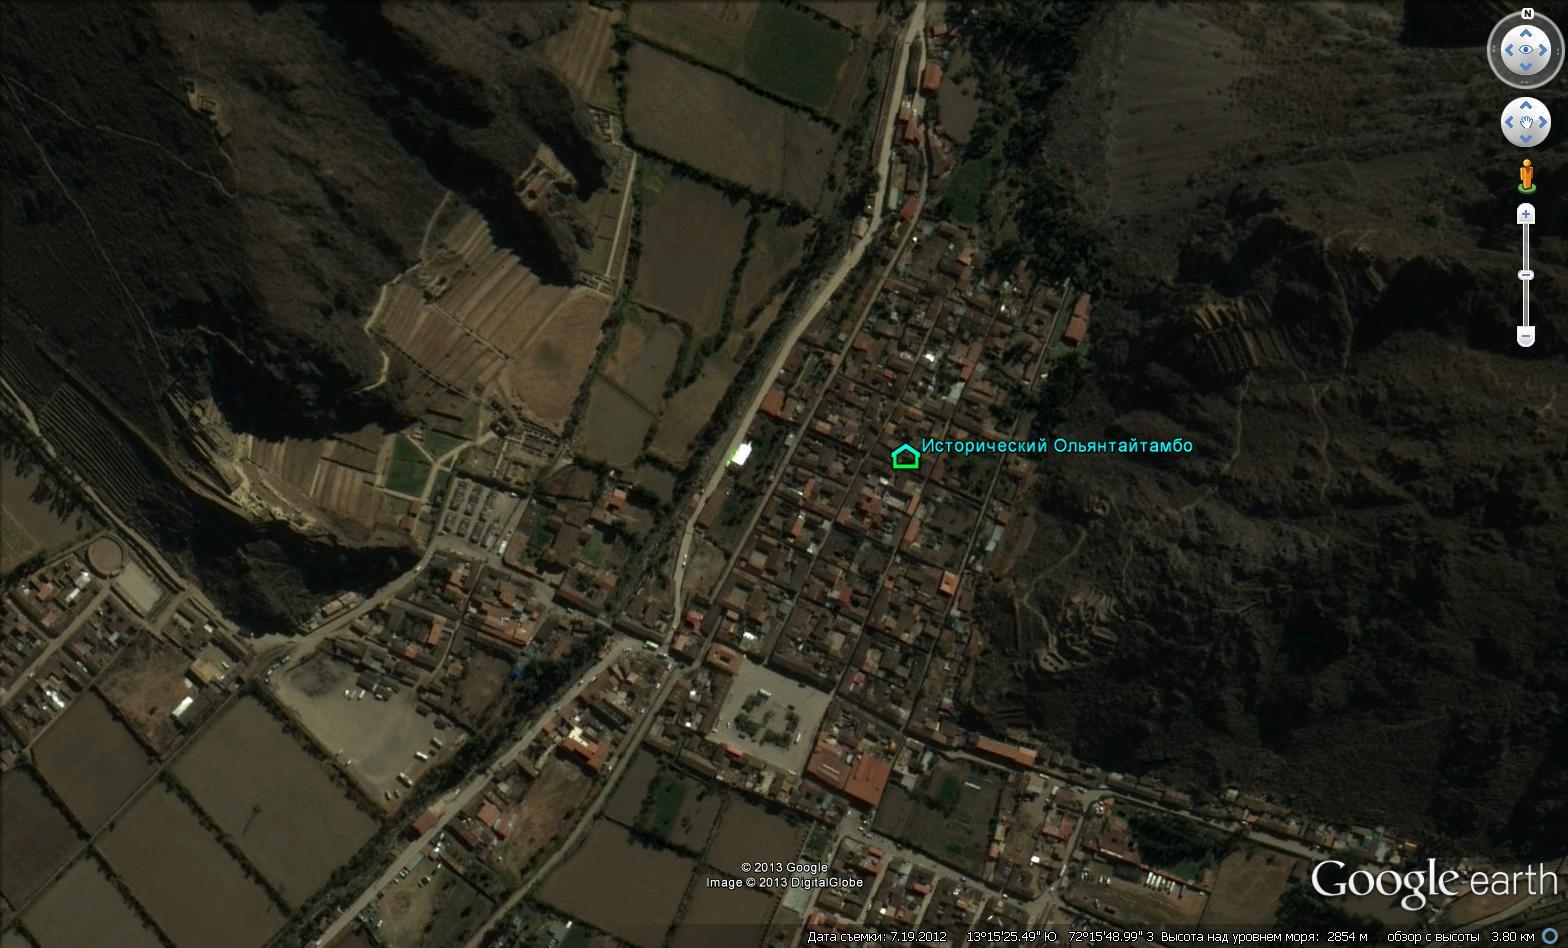 Историческая часть города Ольянтайтамбо